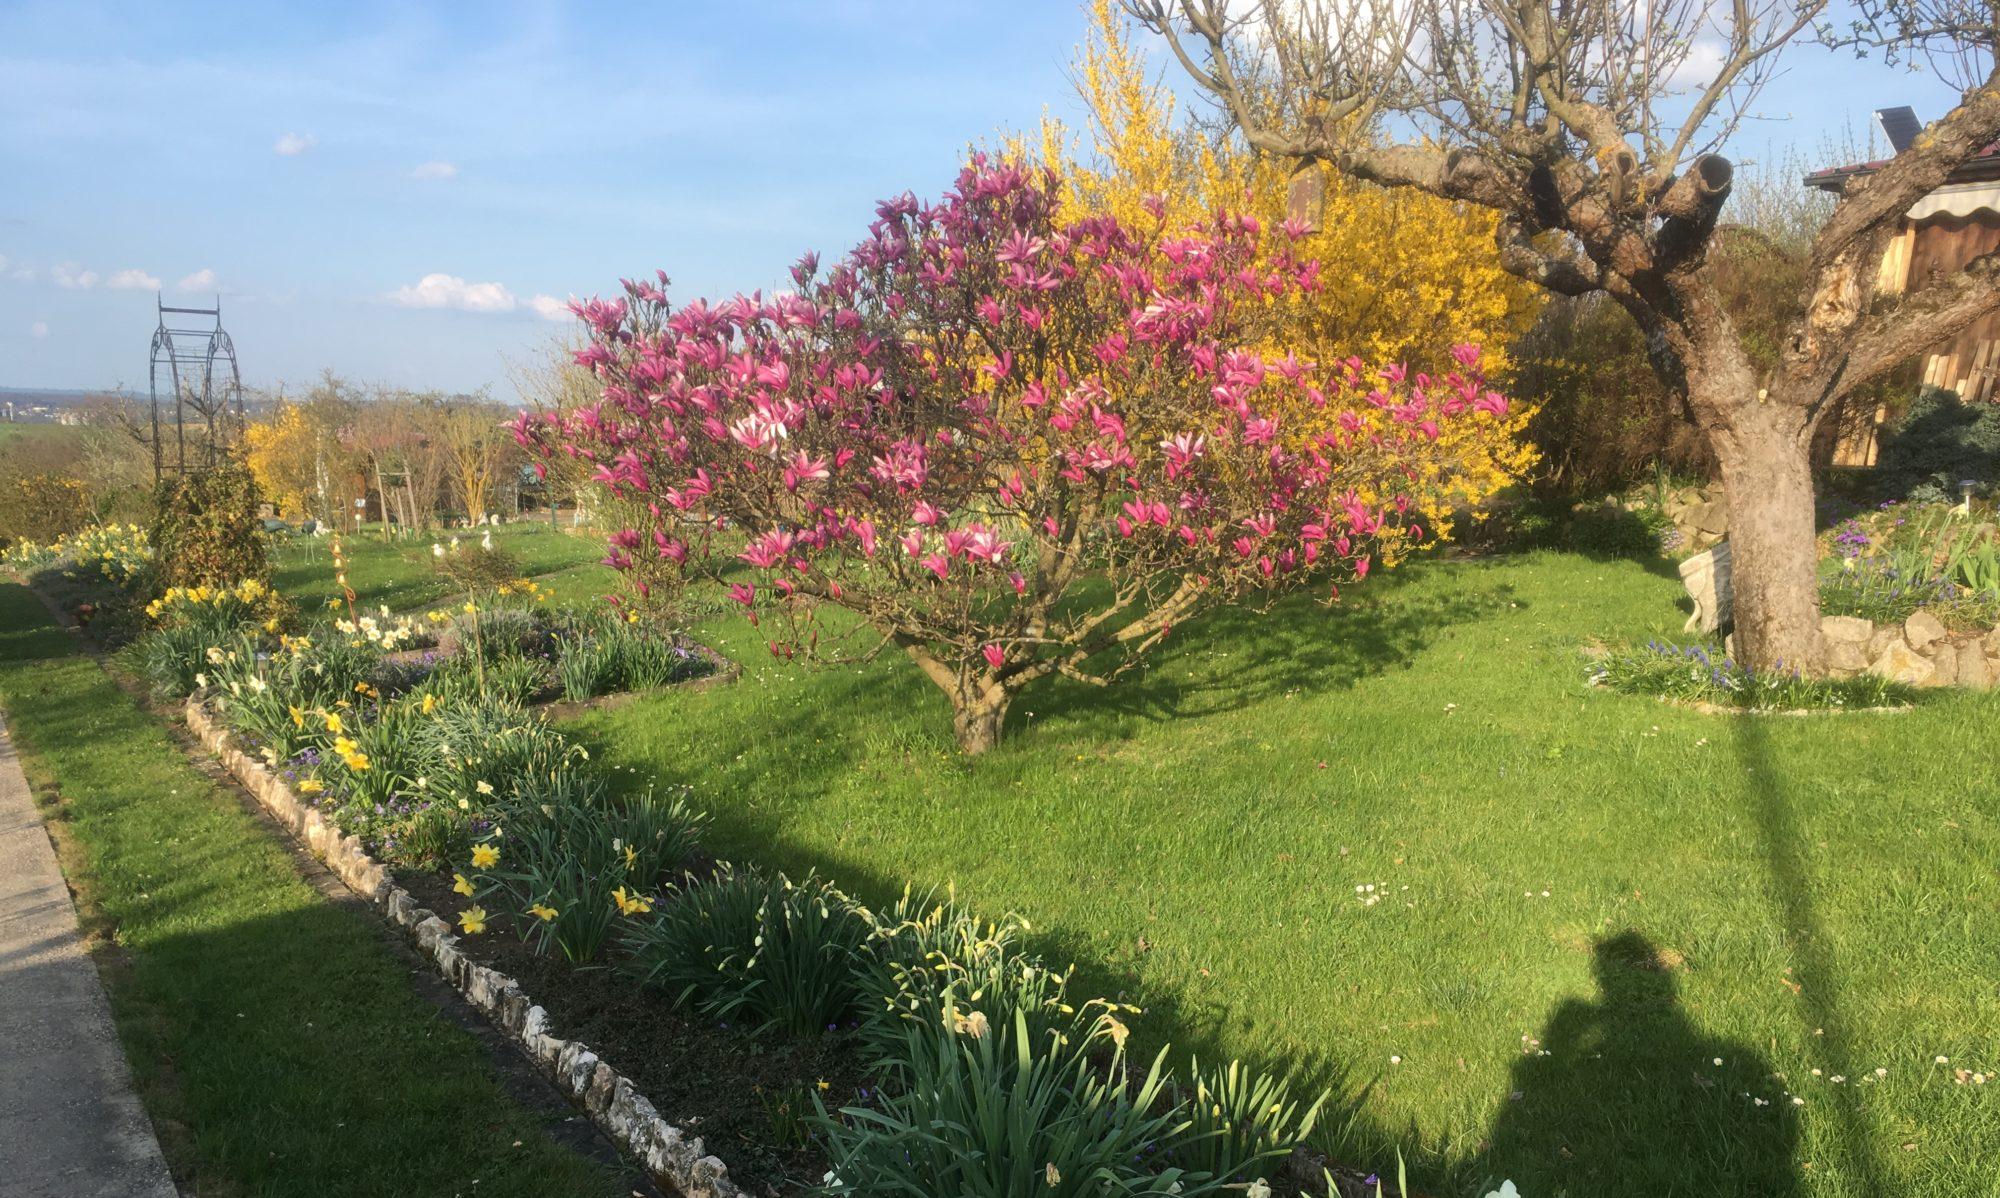 Gartenfreunde Dettingen unter Teck